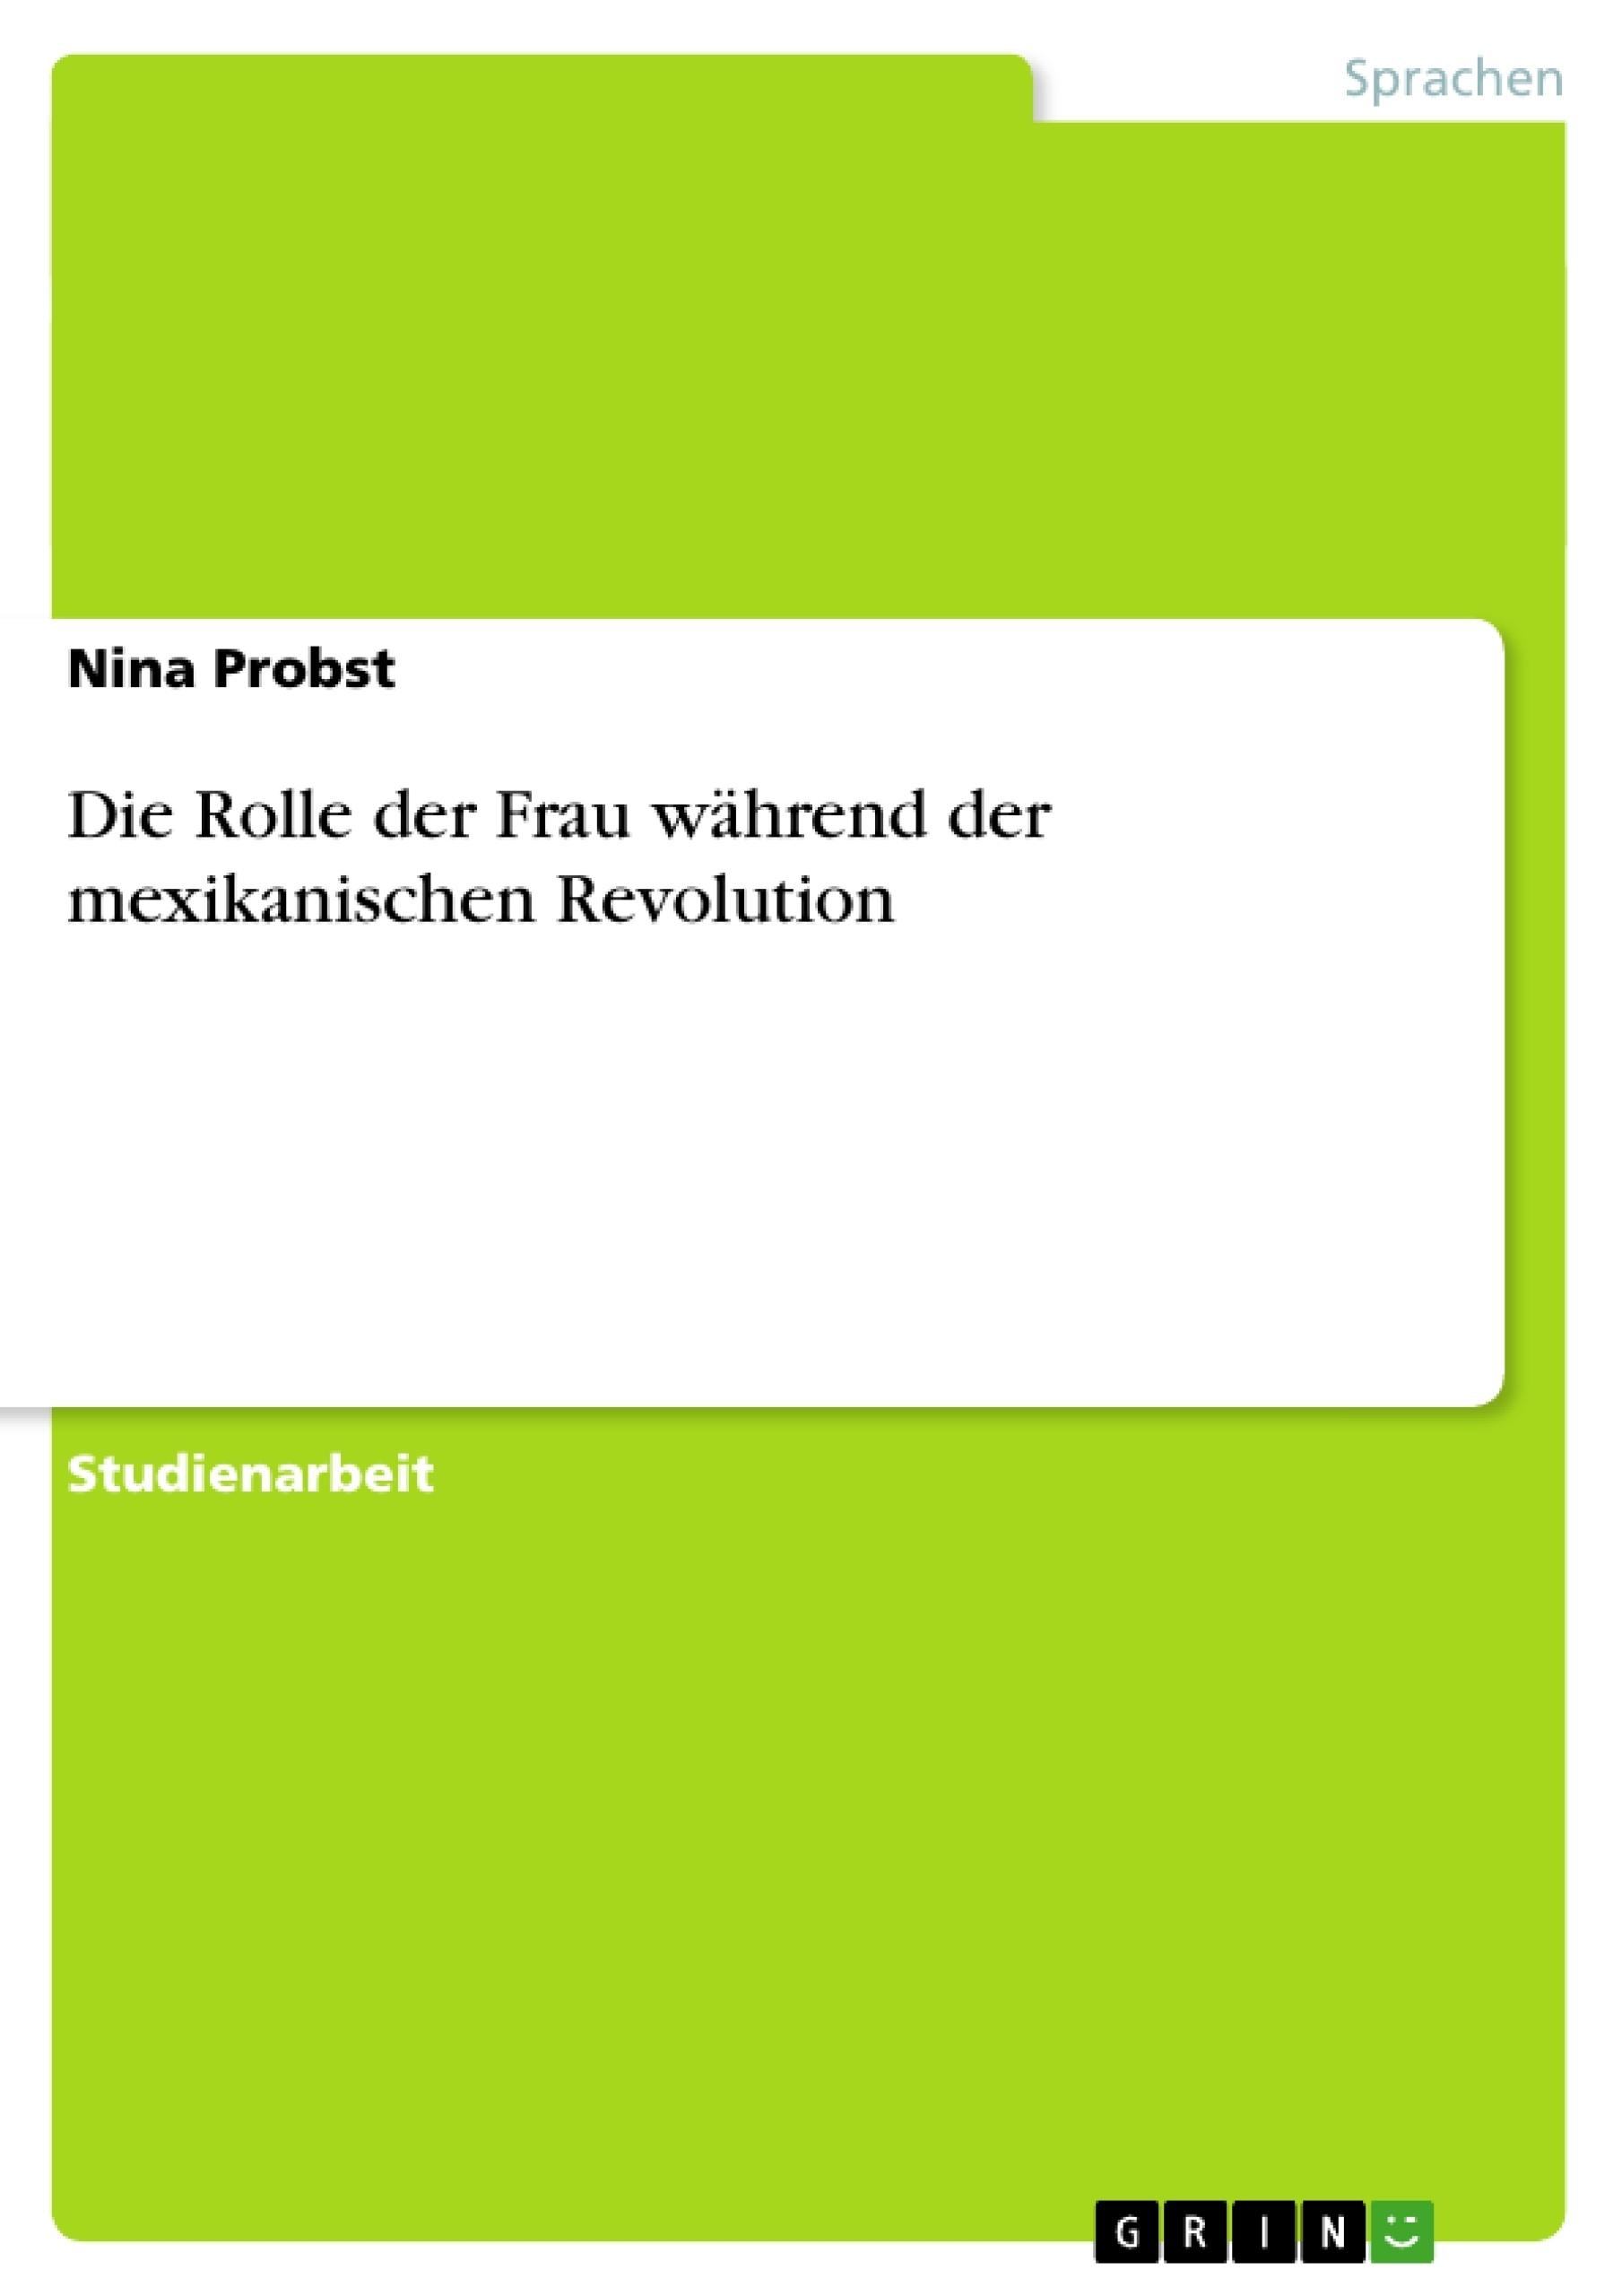 Titel: Die Rolle der Frau während der mexikanischen Revolution